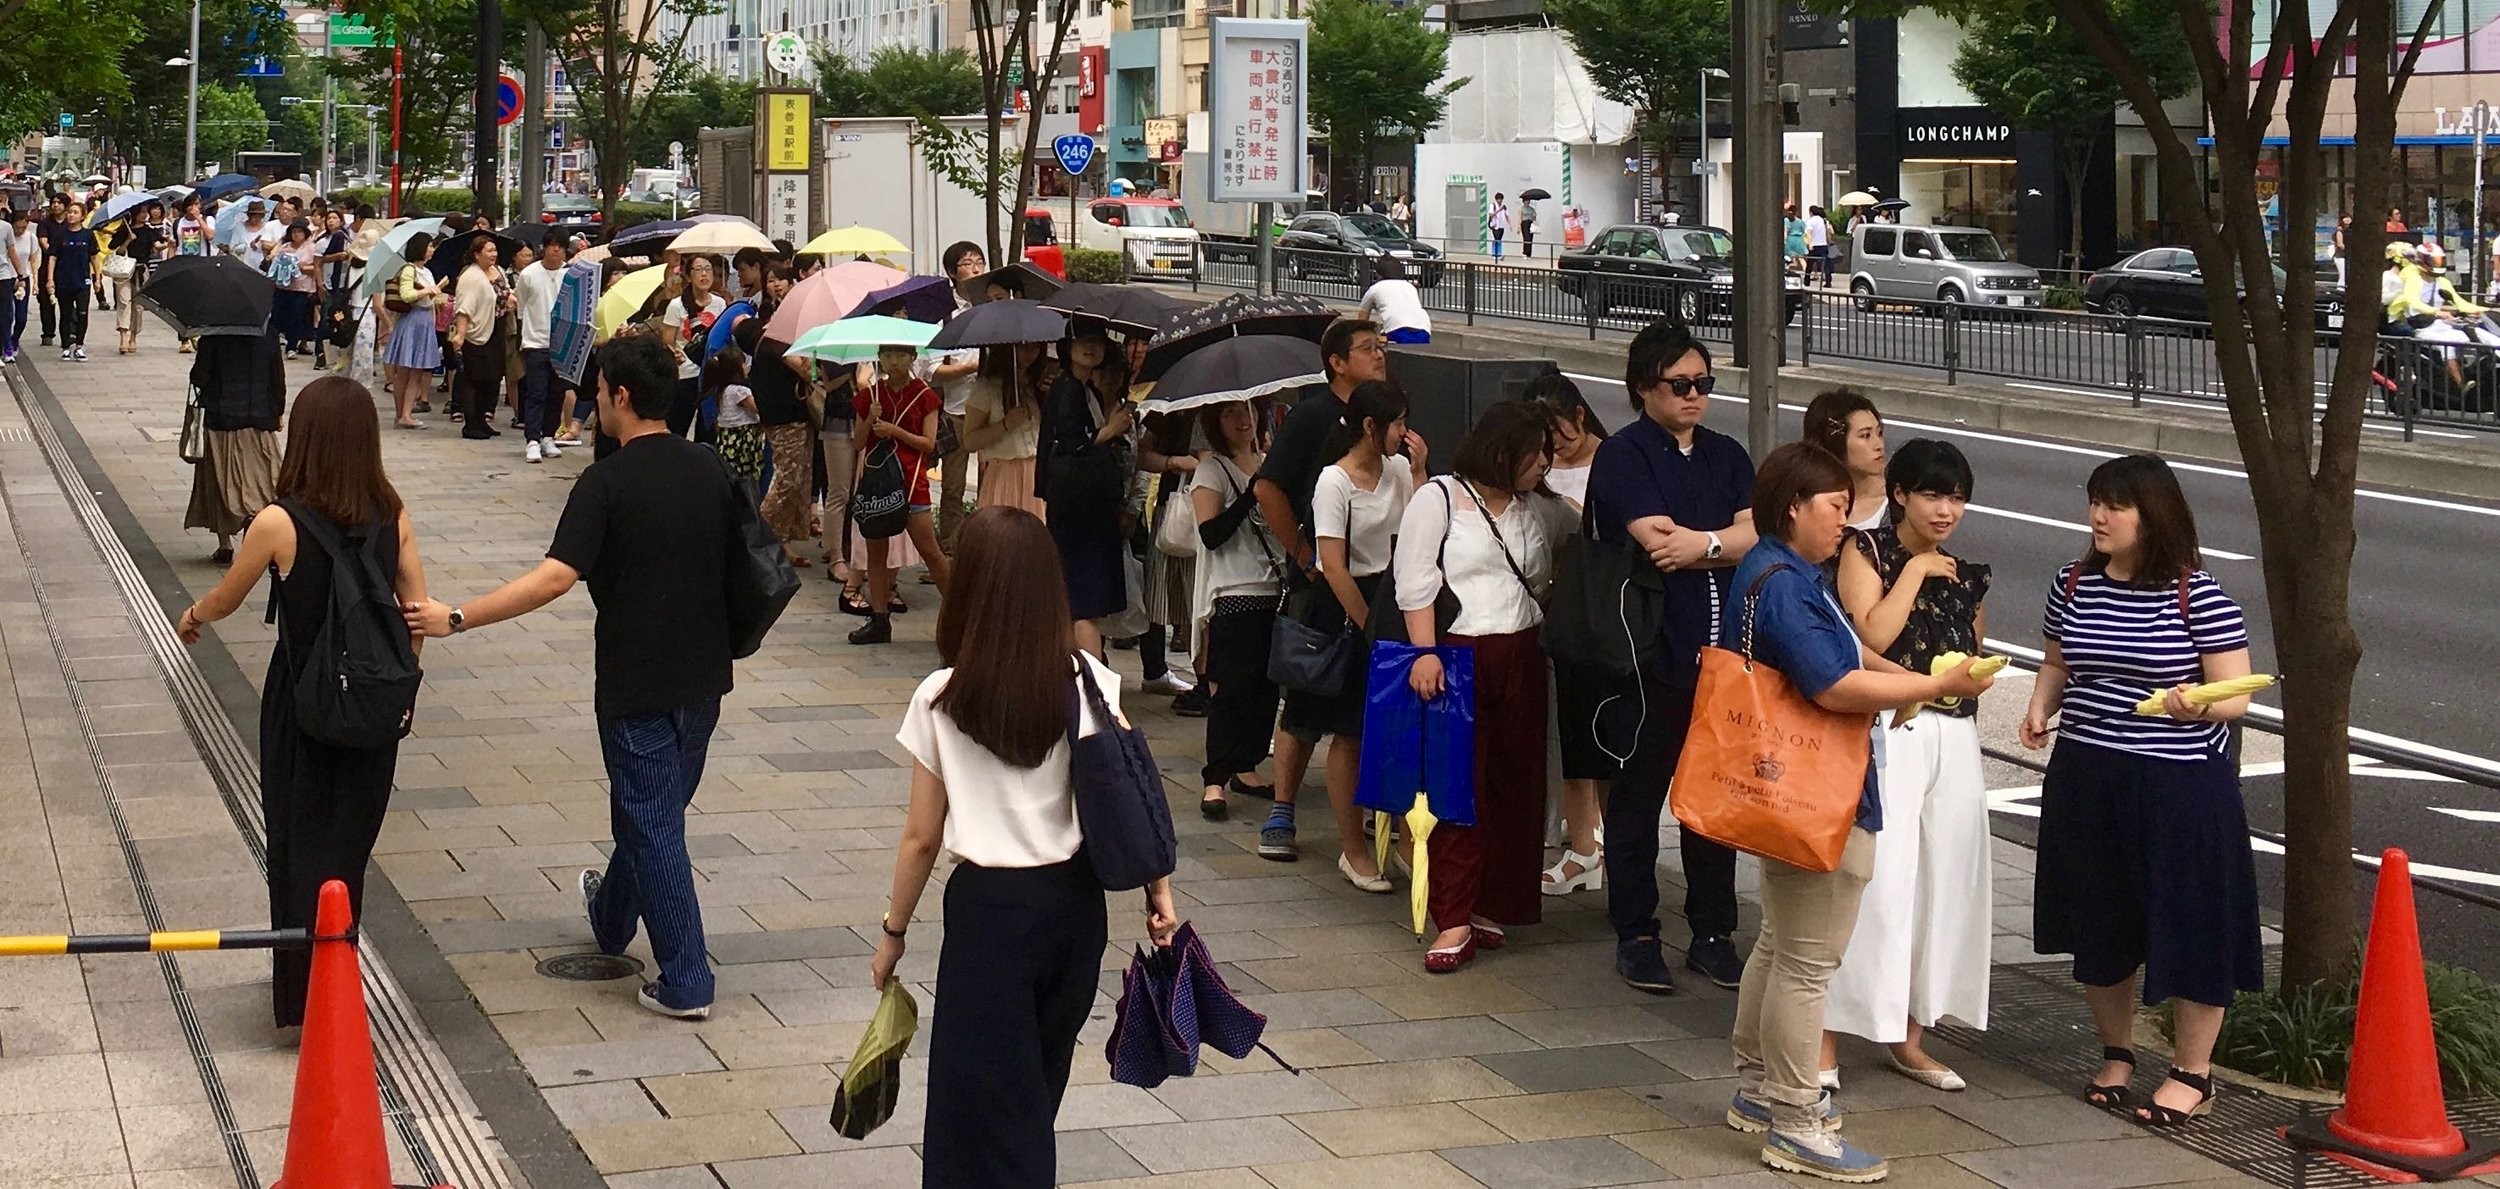 A long queue outside the Lipton Fruits in Tea shopfront in Omotesando, Tokyo (31 July).